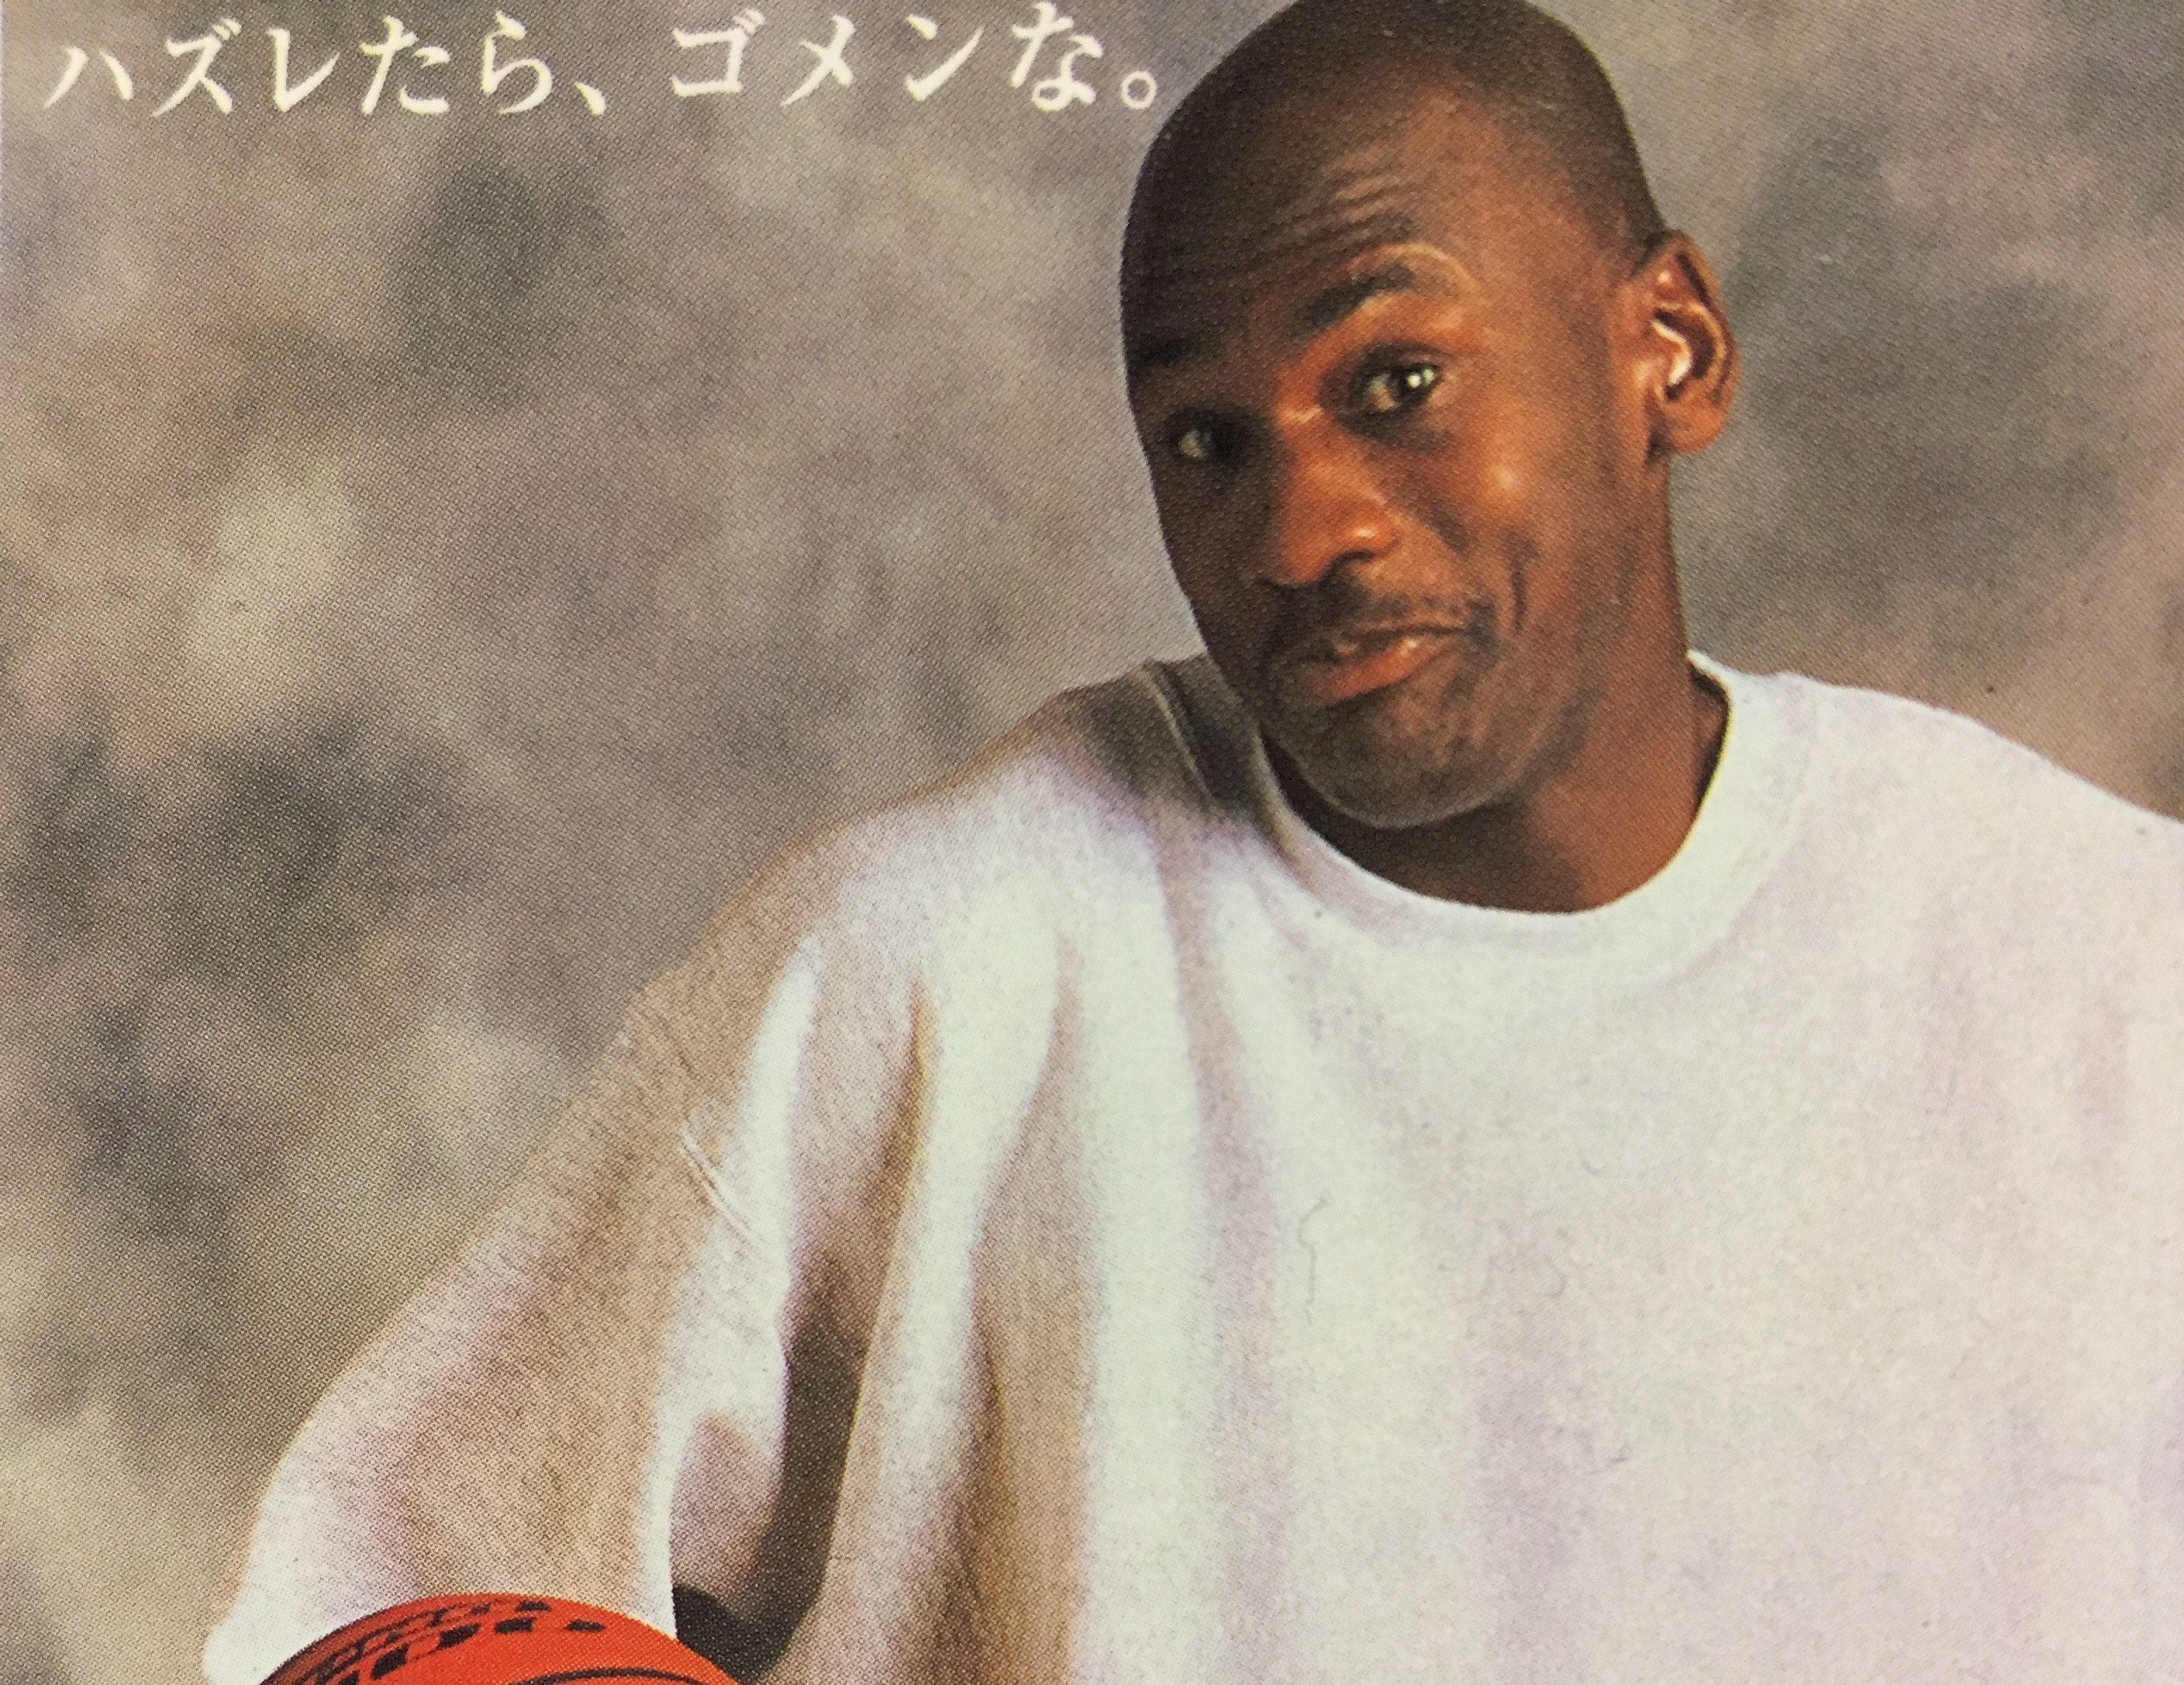 マイケル・ジョーダン ゲータレード キャンペーン 応募用紙 日本 1996年